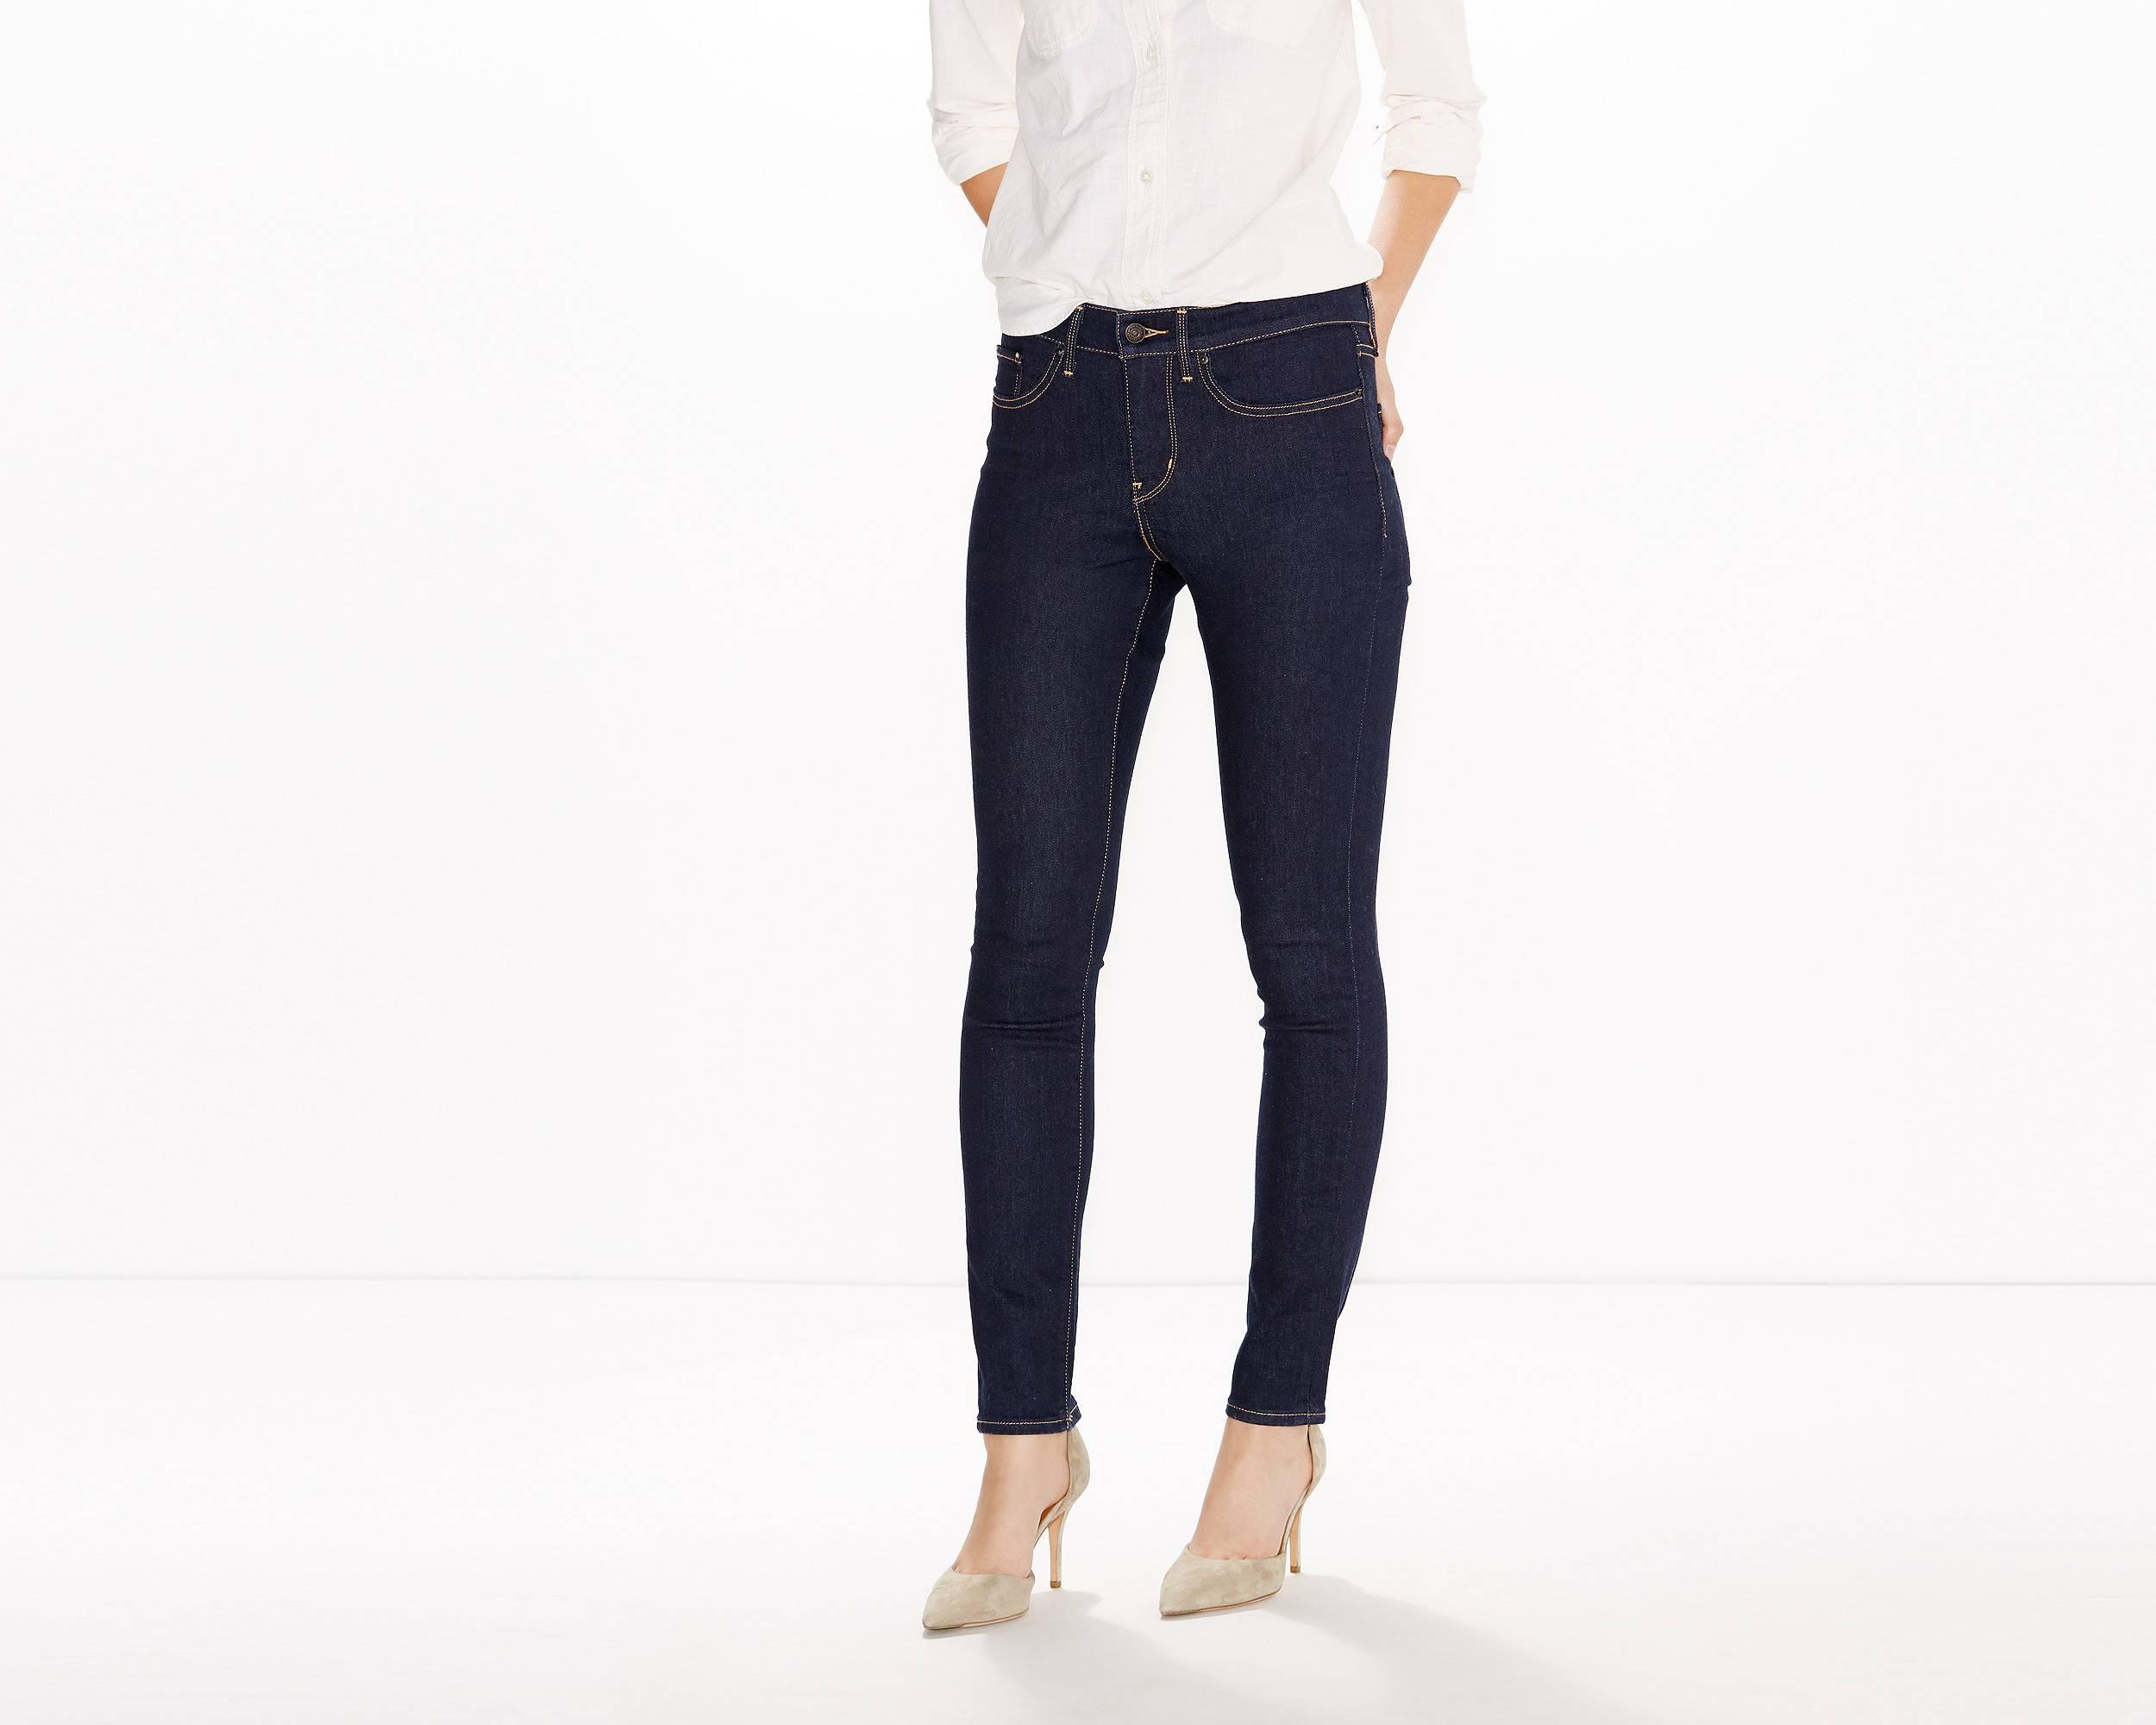 Pantalon jean femme gris levi's